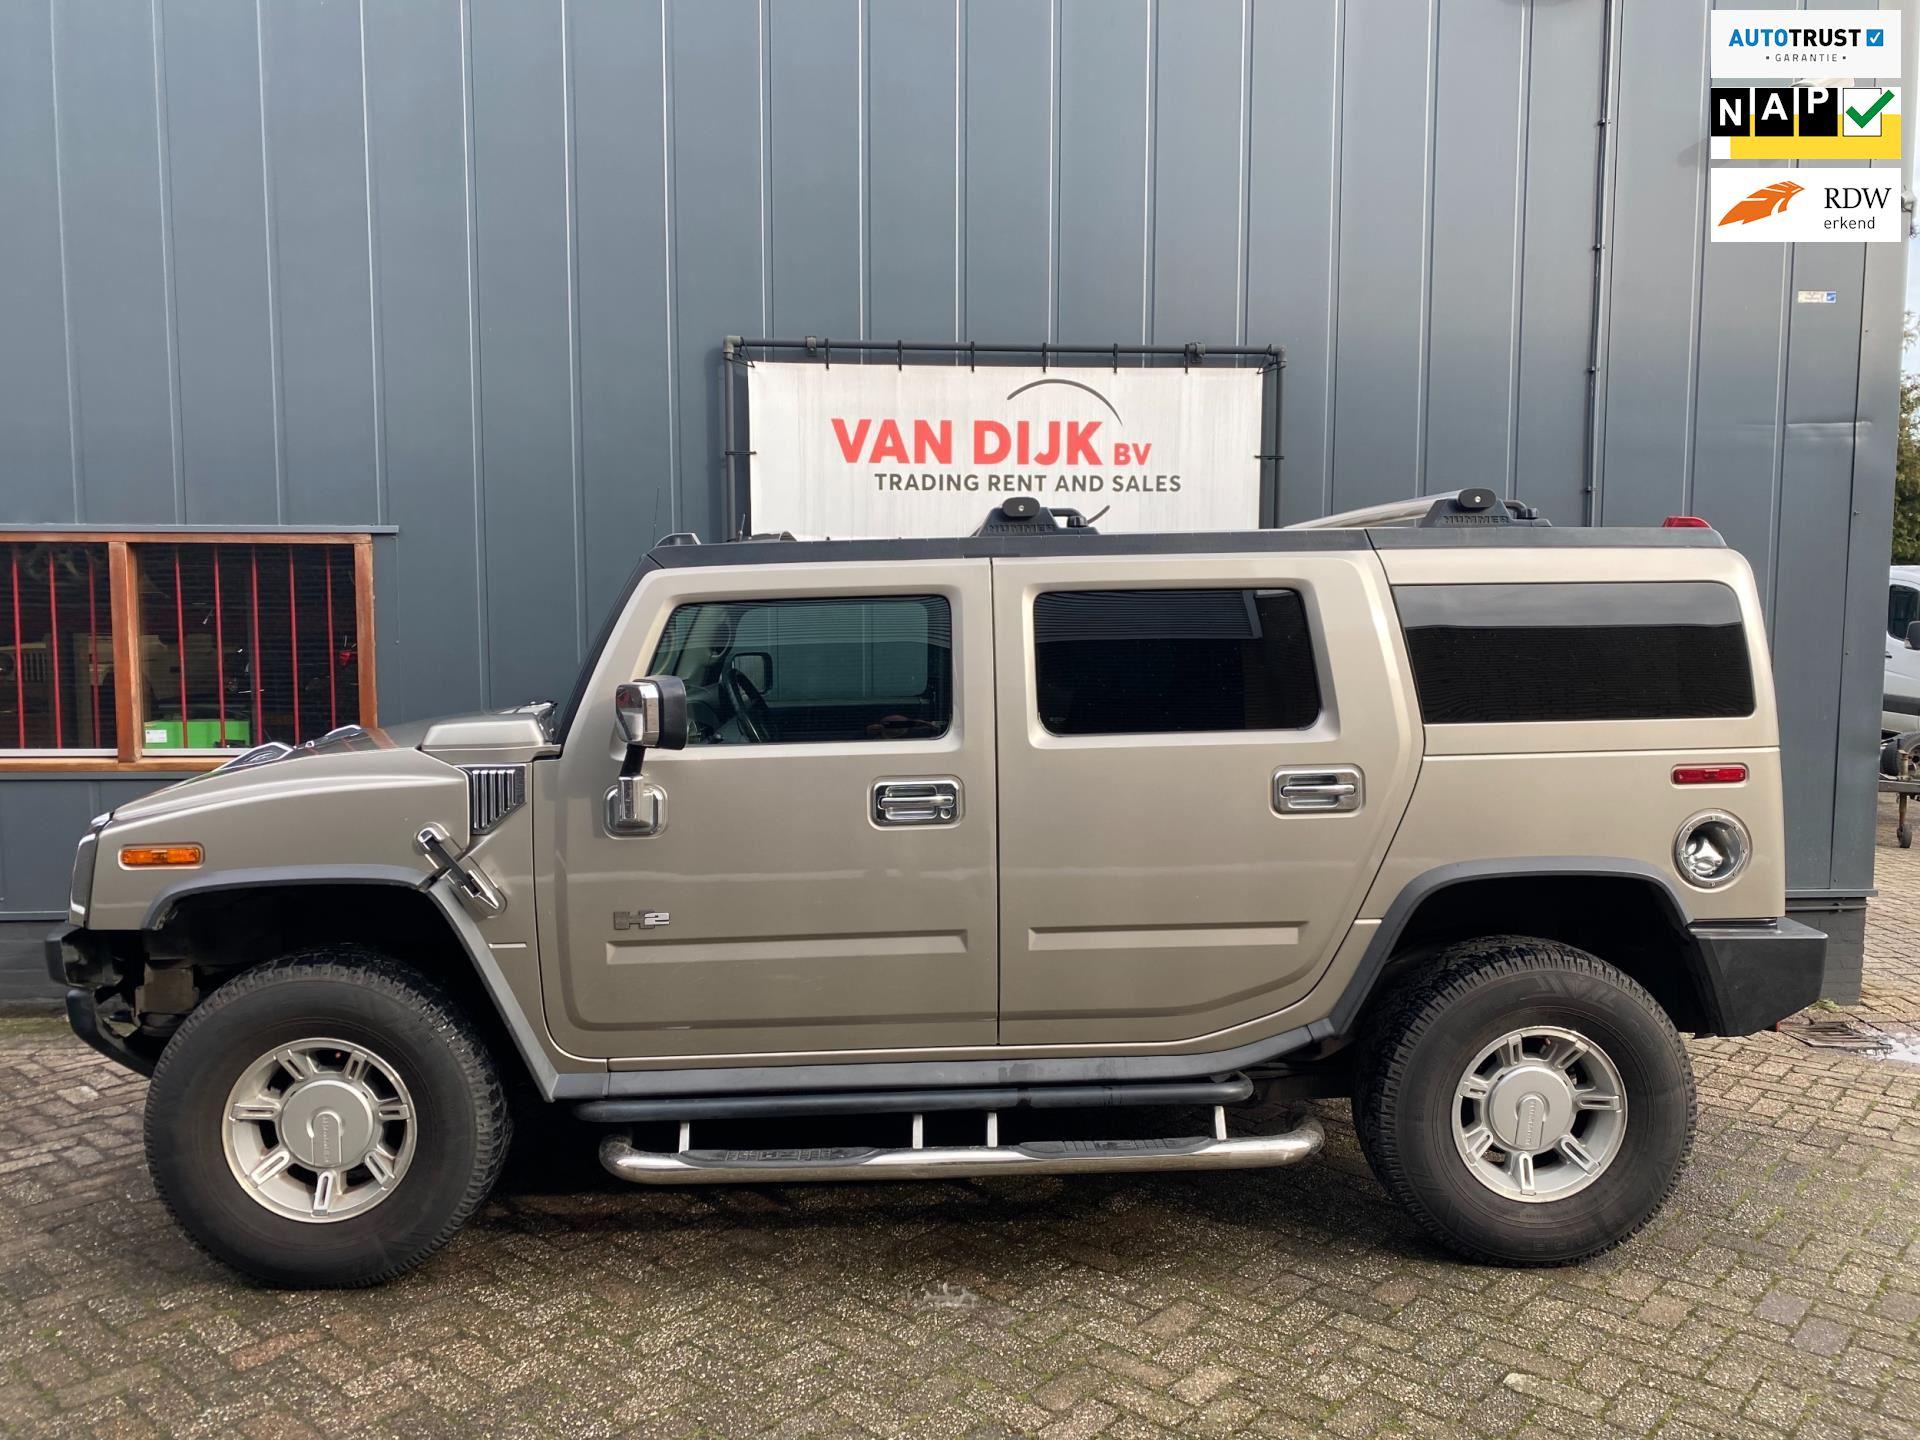 Hummer H2 occasion - Autobedrijf van Dijk